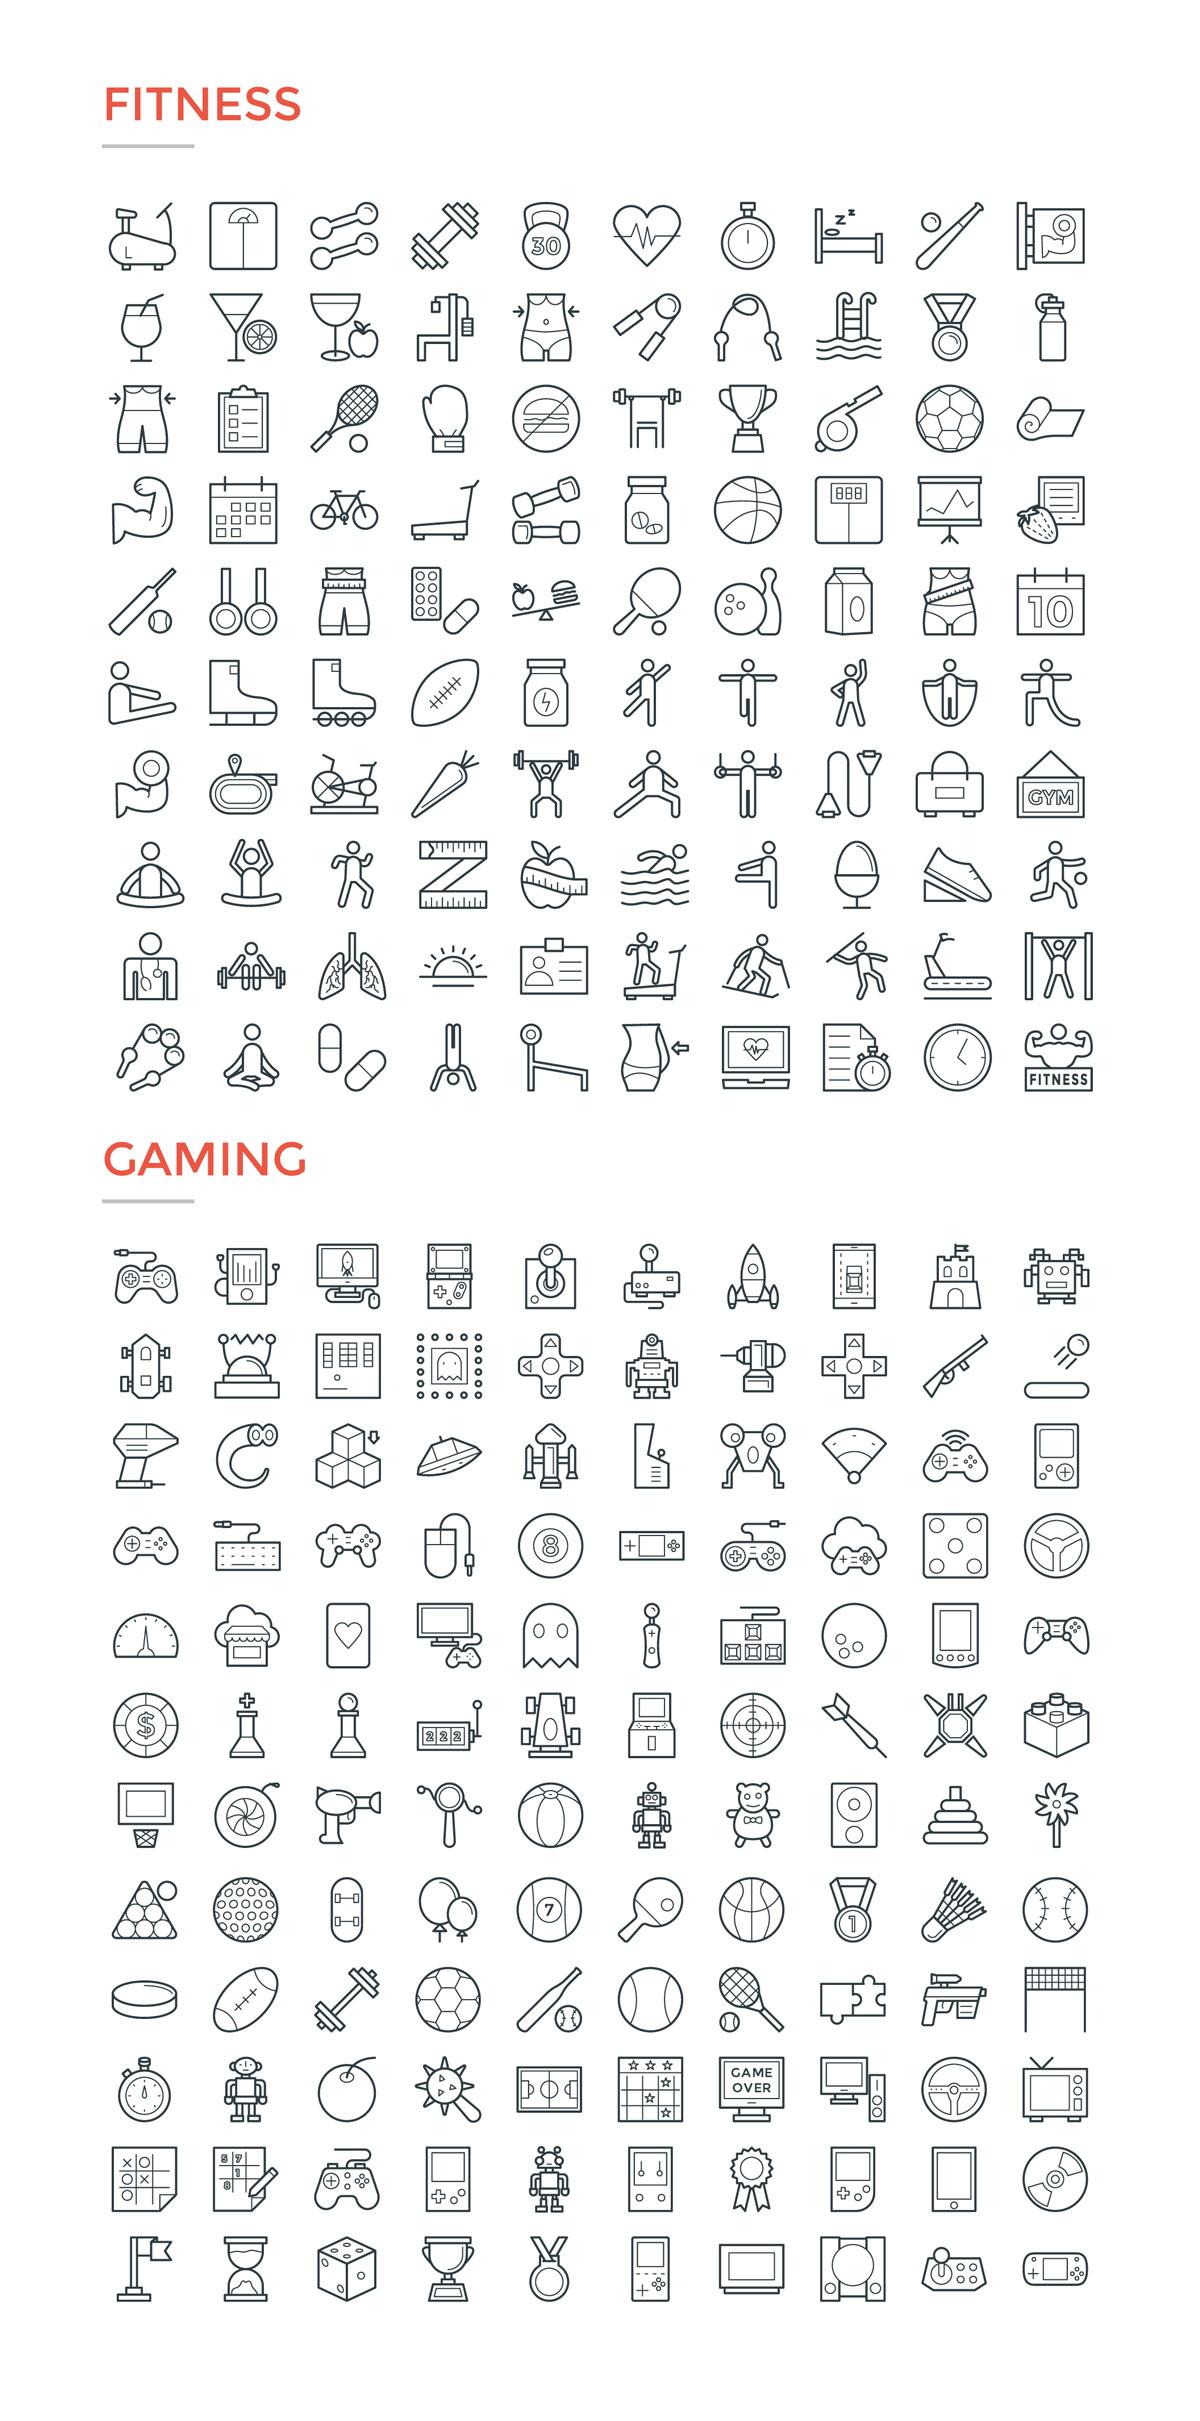 4800款独特的矢量图标合集 4800 Line Icons插图10